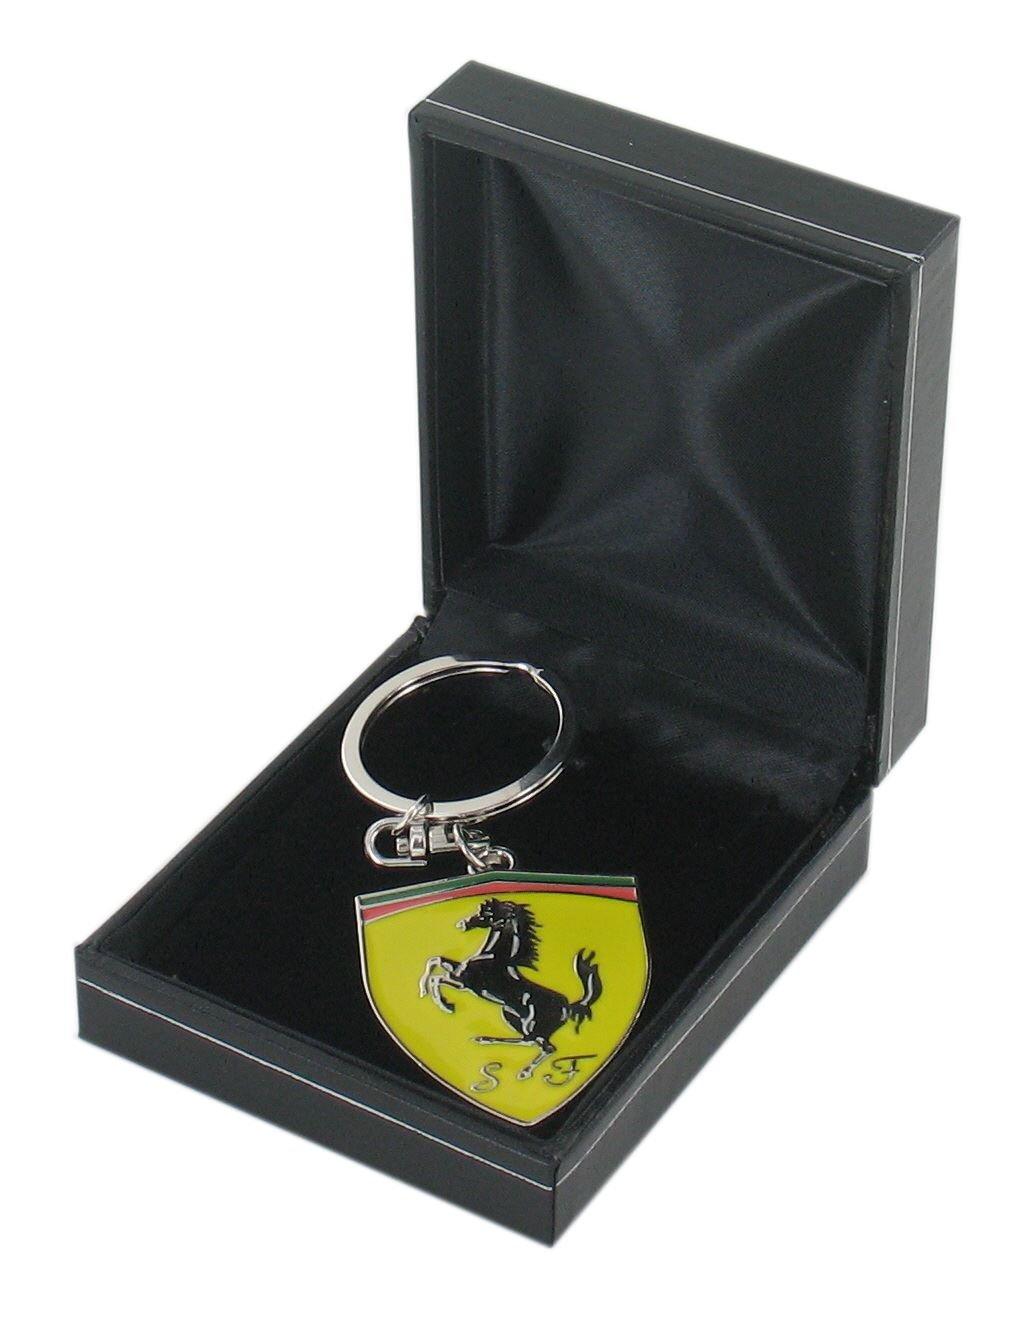 Compra Ferrari llavero - Llavero - coche Ferrari Ferrari ...